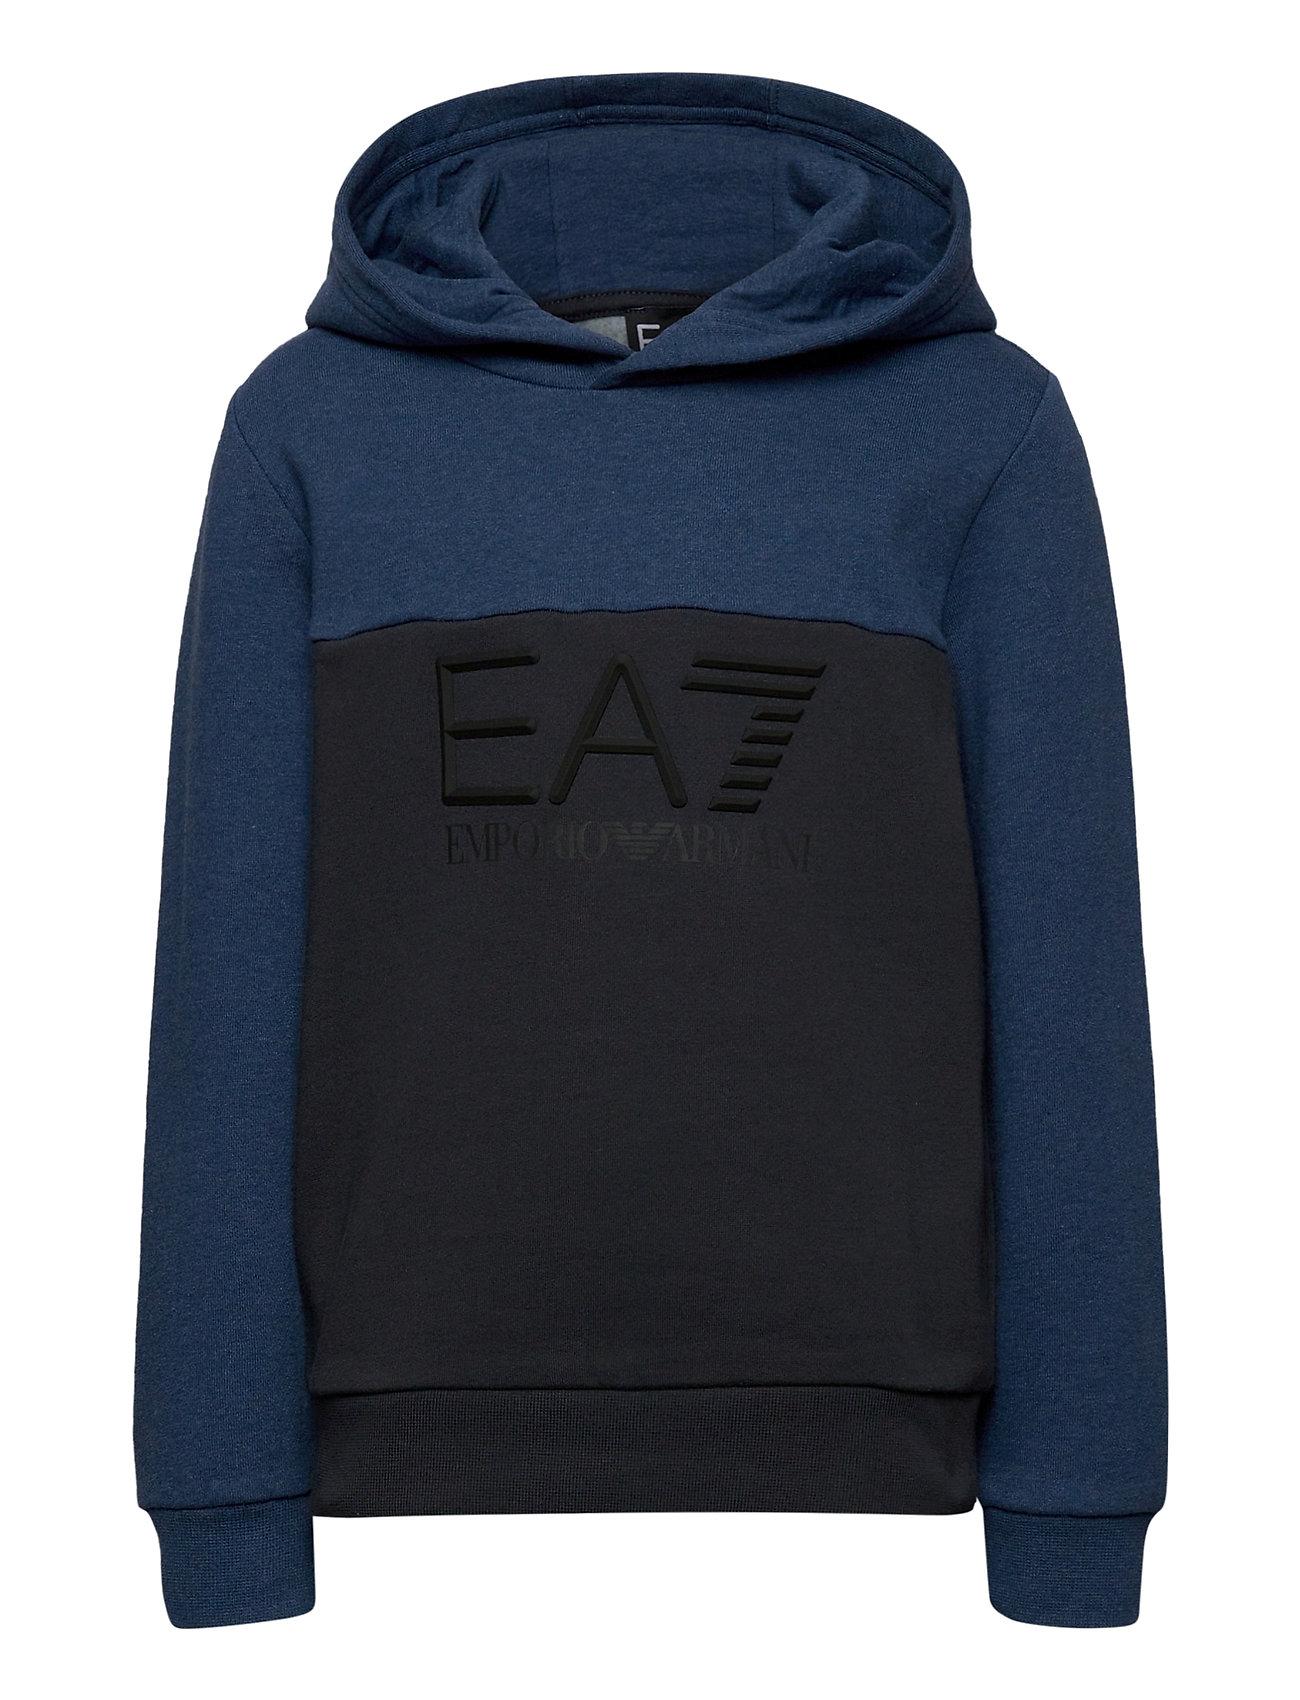 Image of Sweatshirt Hoodie Trøje Blå EA7 (3447795209)